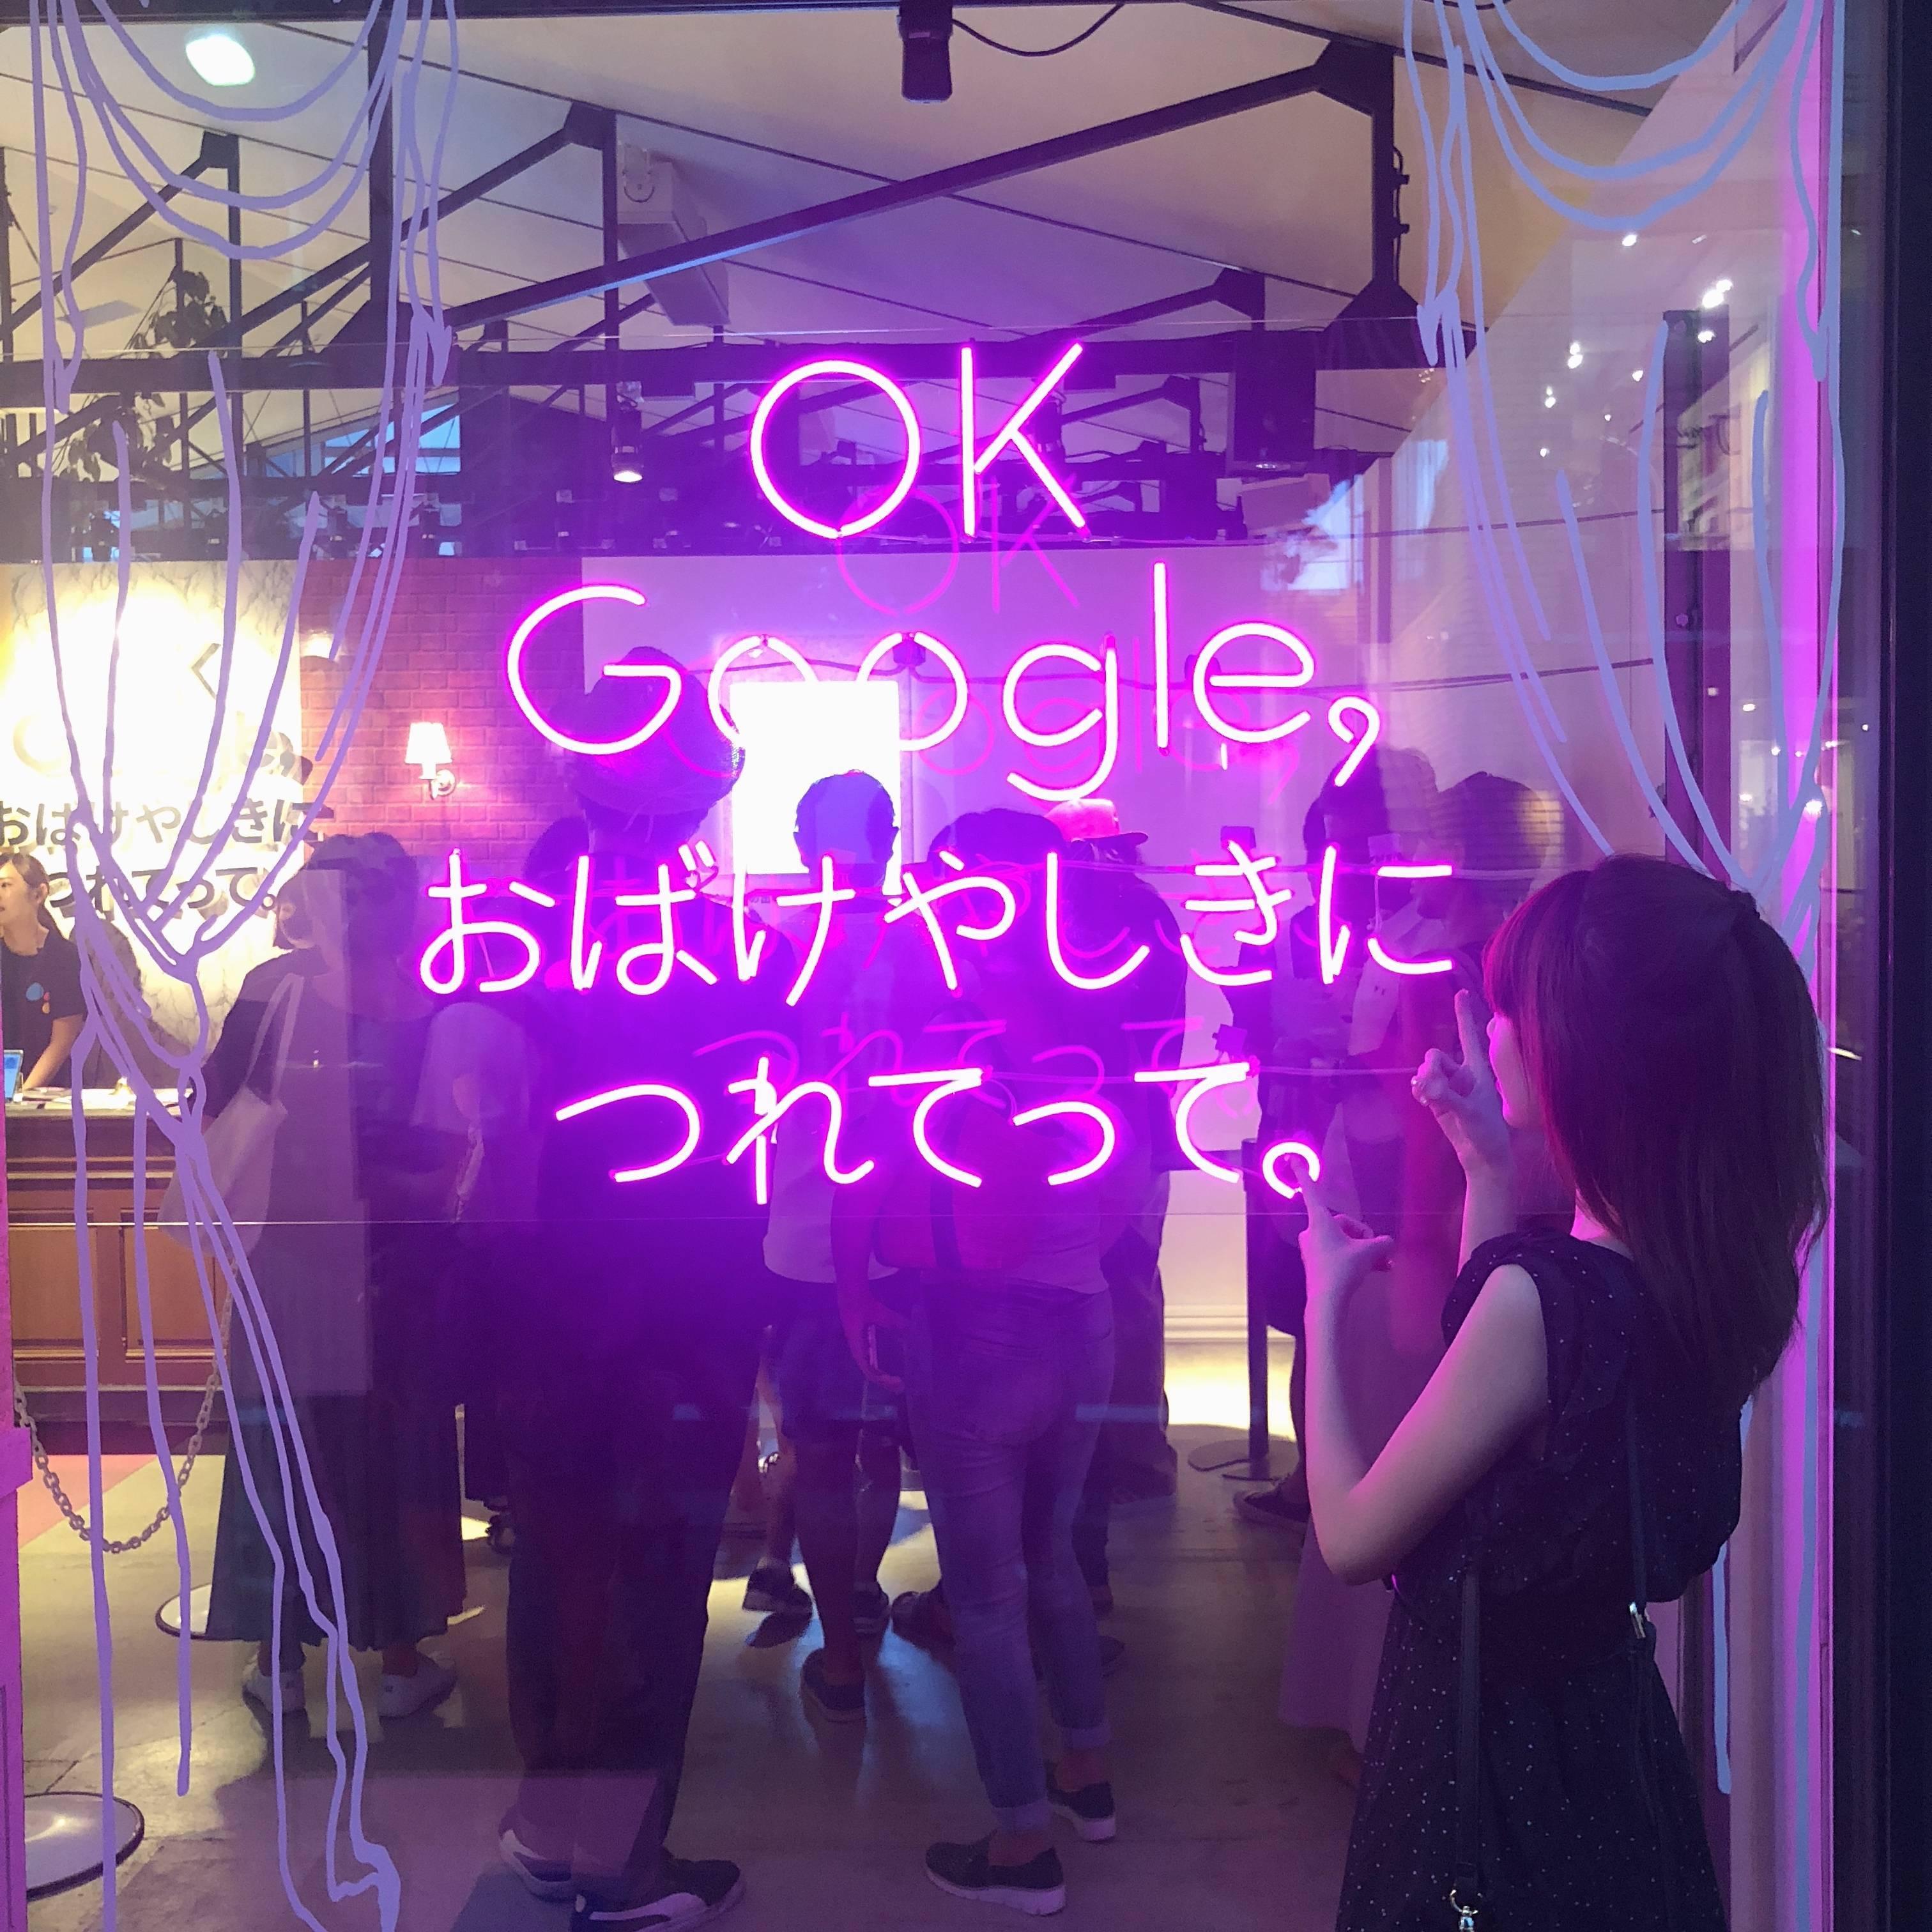 Vol.57♡ 9/2まで期間限定!世界一かわいいお化け屋敷、『OK Google, おばけやしきにつれてって。』_1_1